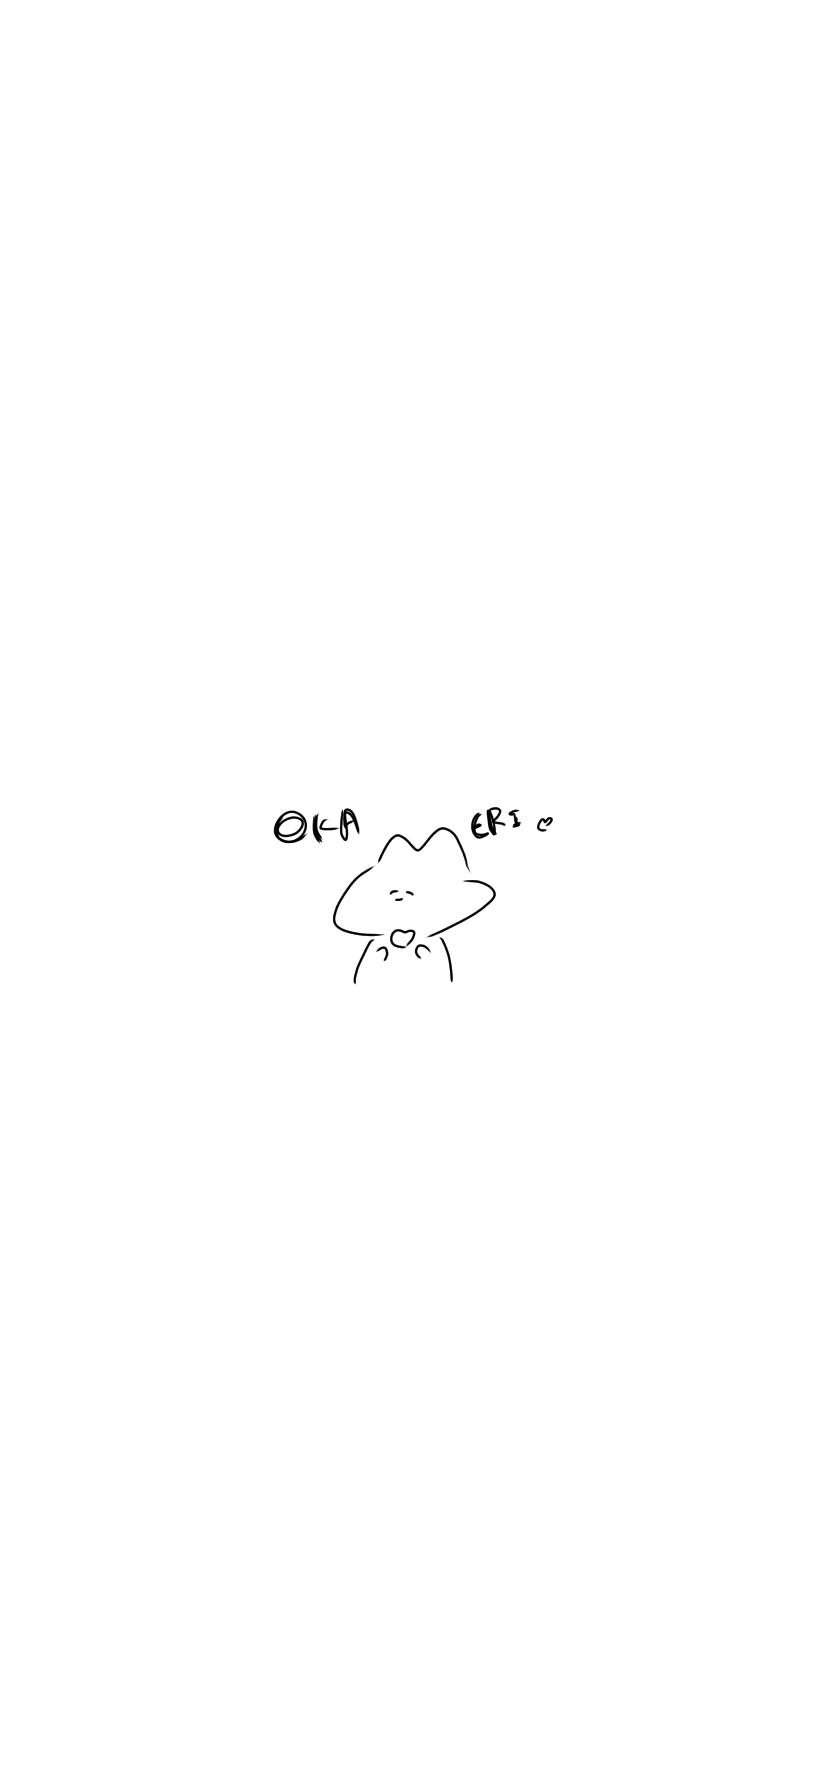 壁紙うさぎ_okaeri